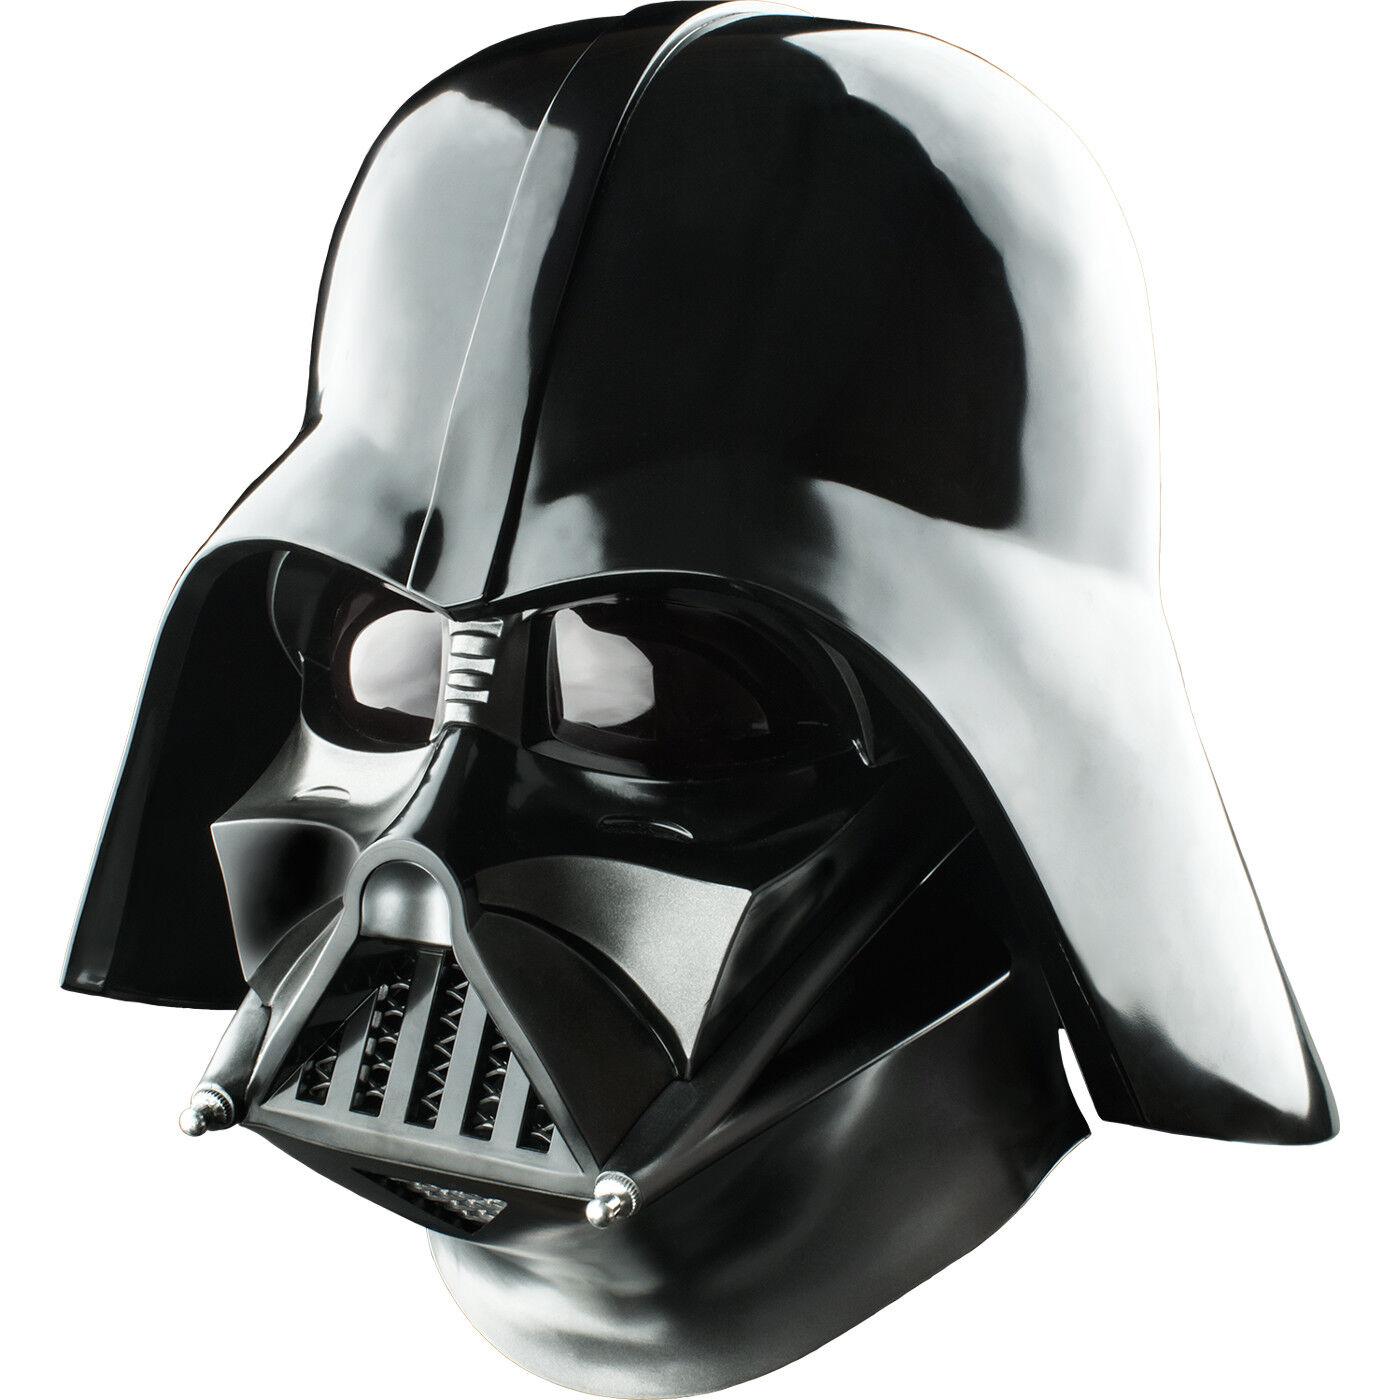 minoristas en línea Estrella Wars  episodio IV IV IV A New Hope-Darth Vader Réplica Casco  gran descuento